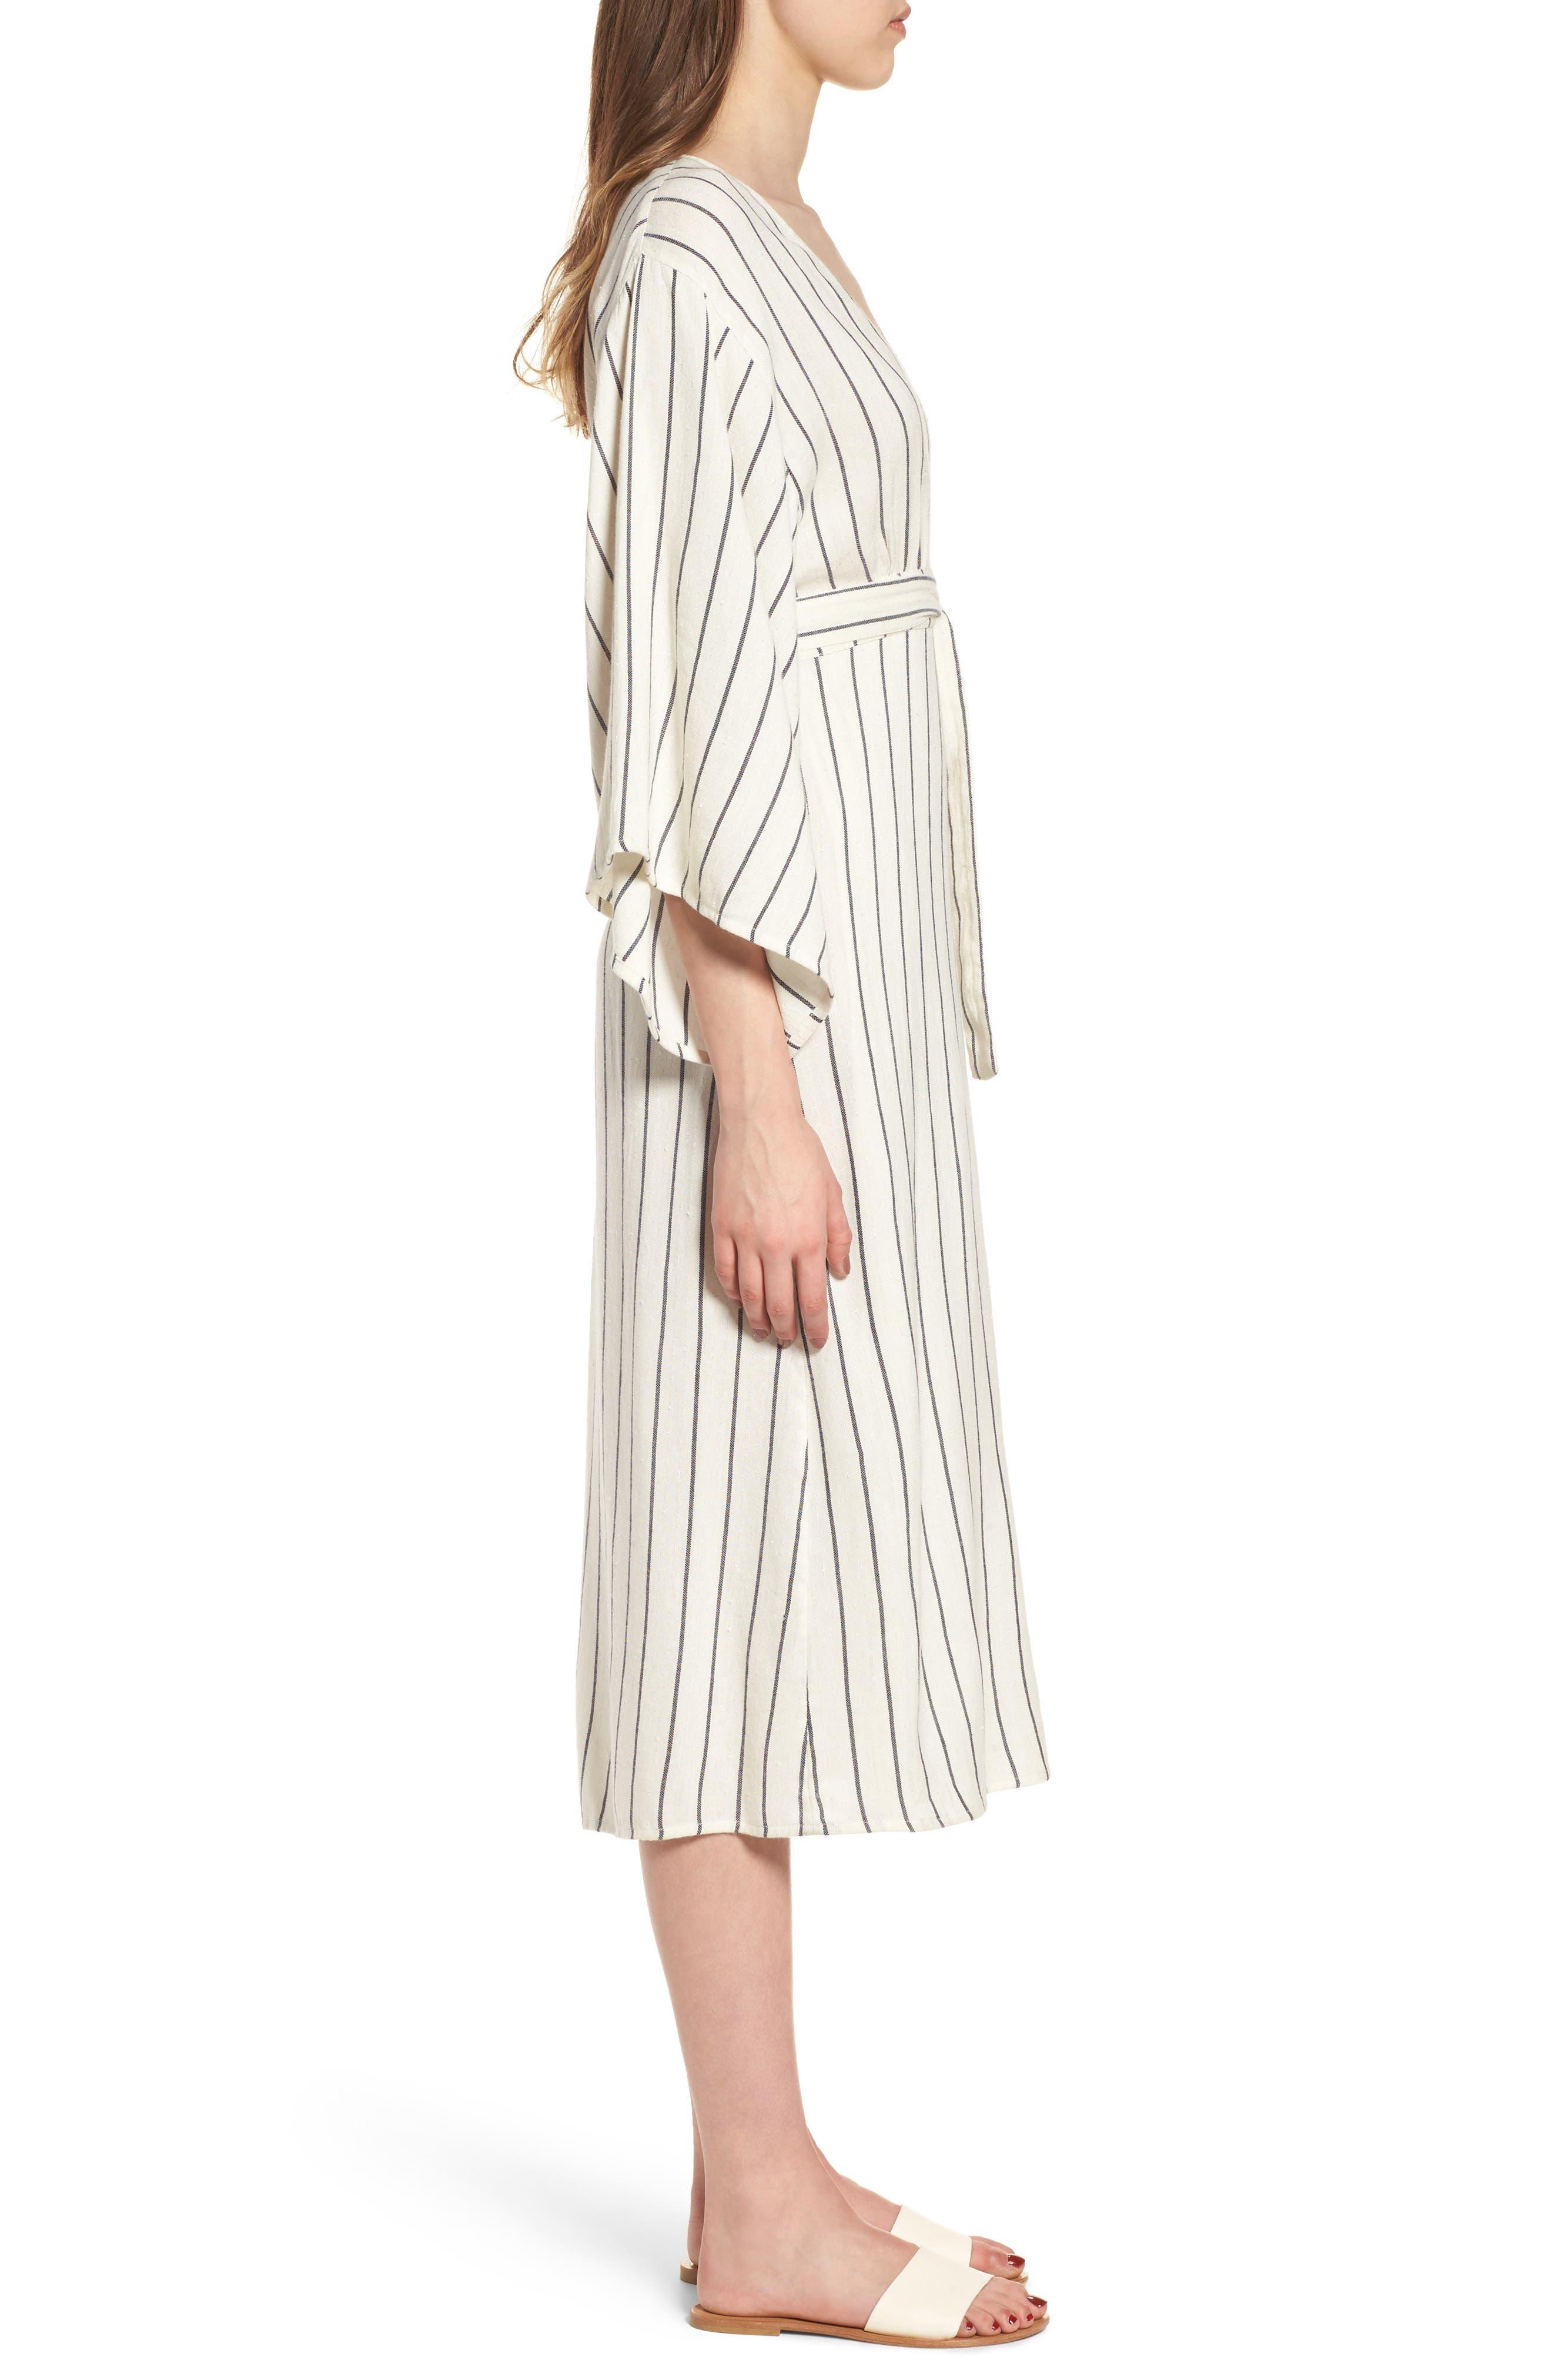 Robe Life Striped Midi Dress,                             Alternate thumbnail 3, color,                             190